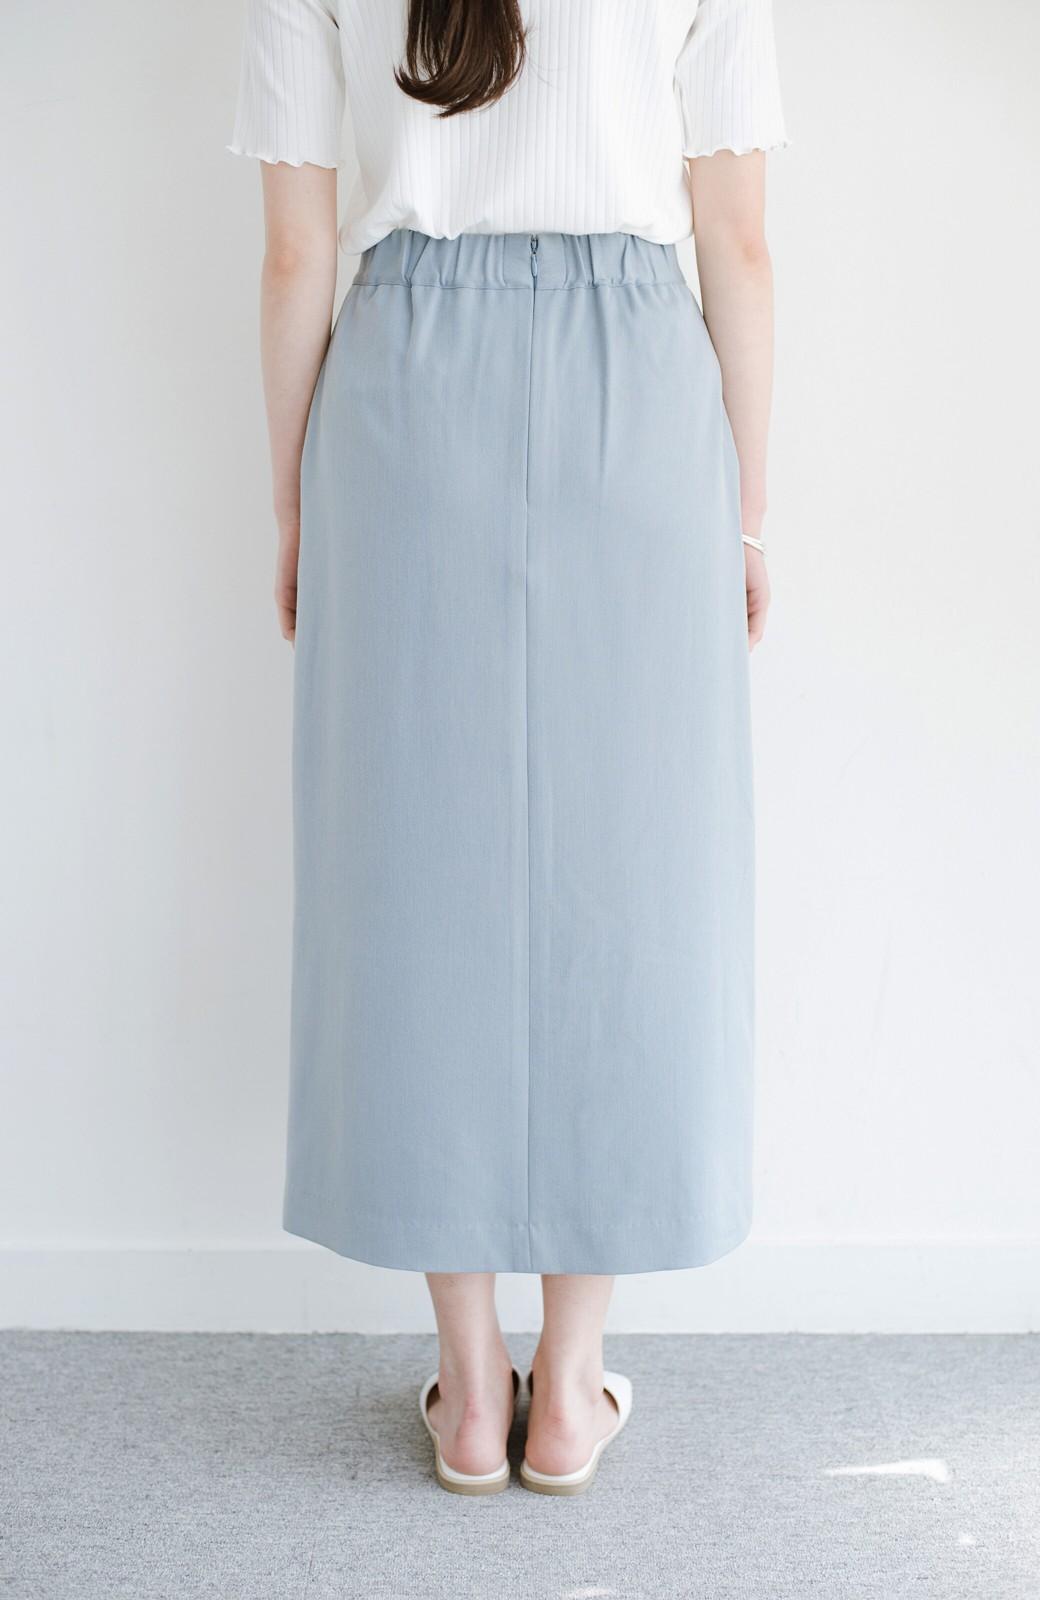 haco! カジュアルにもきれいめにも着られて便利 スリットが女っぽいセミタイトスカート <ブルー>の商品写真5